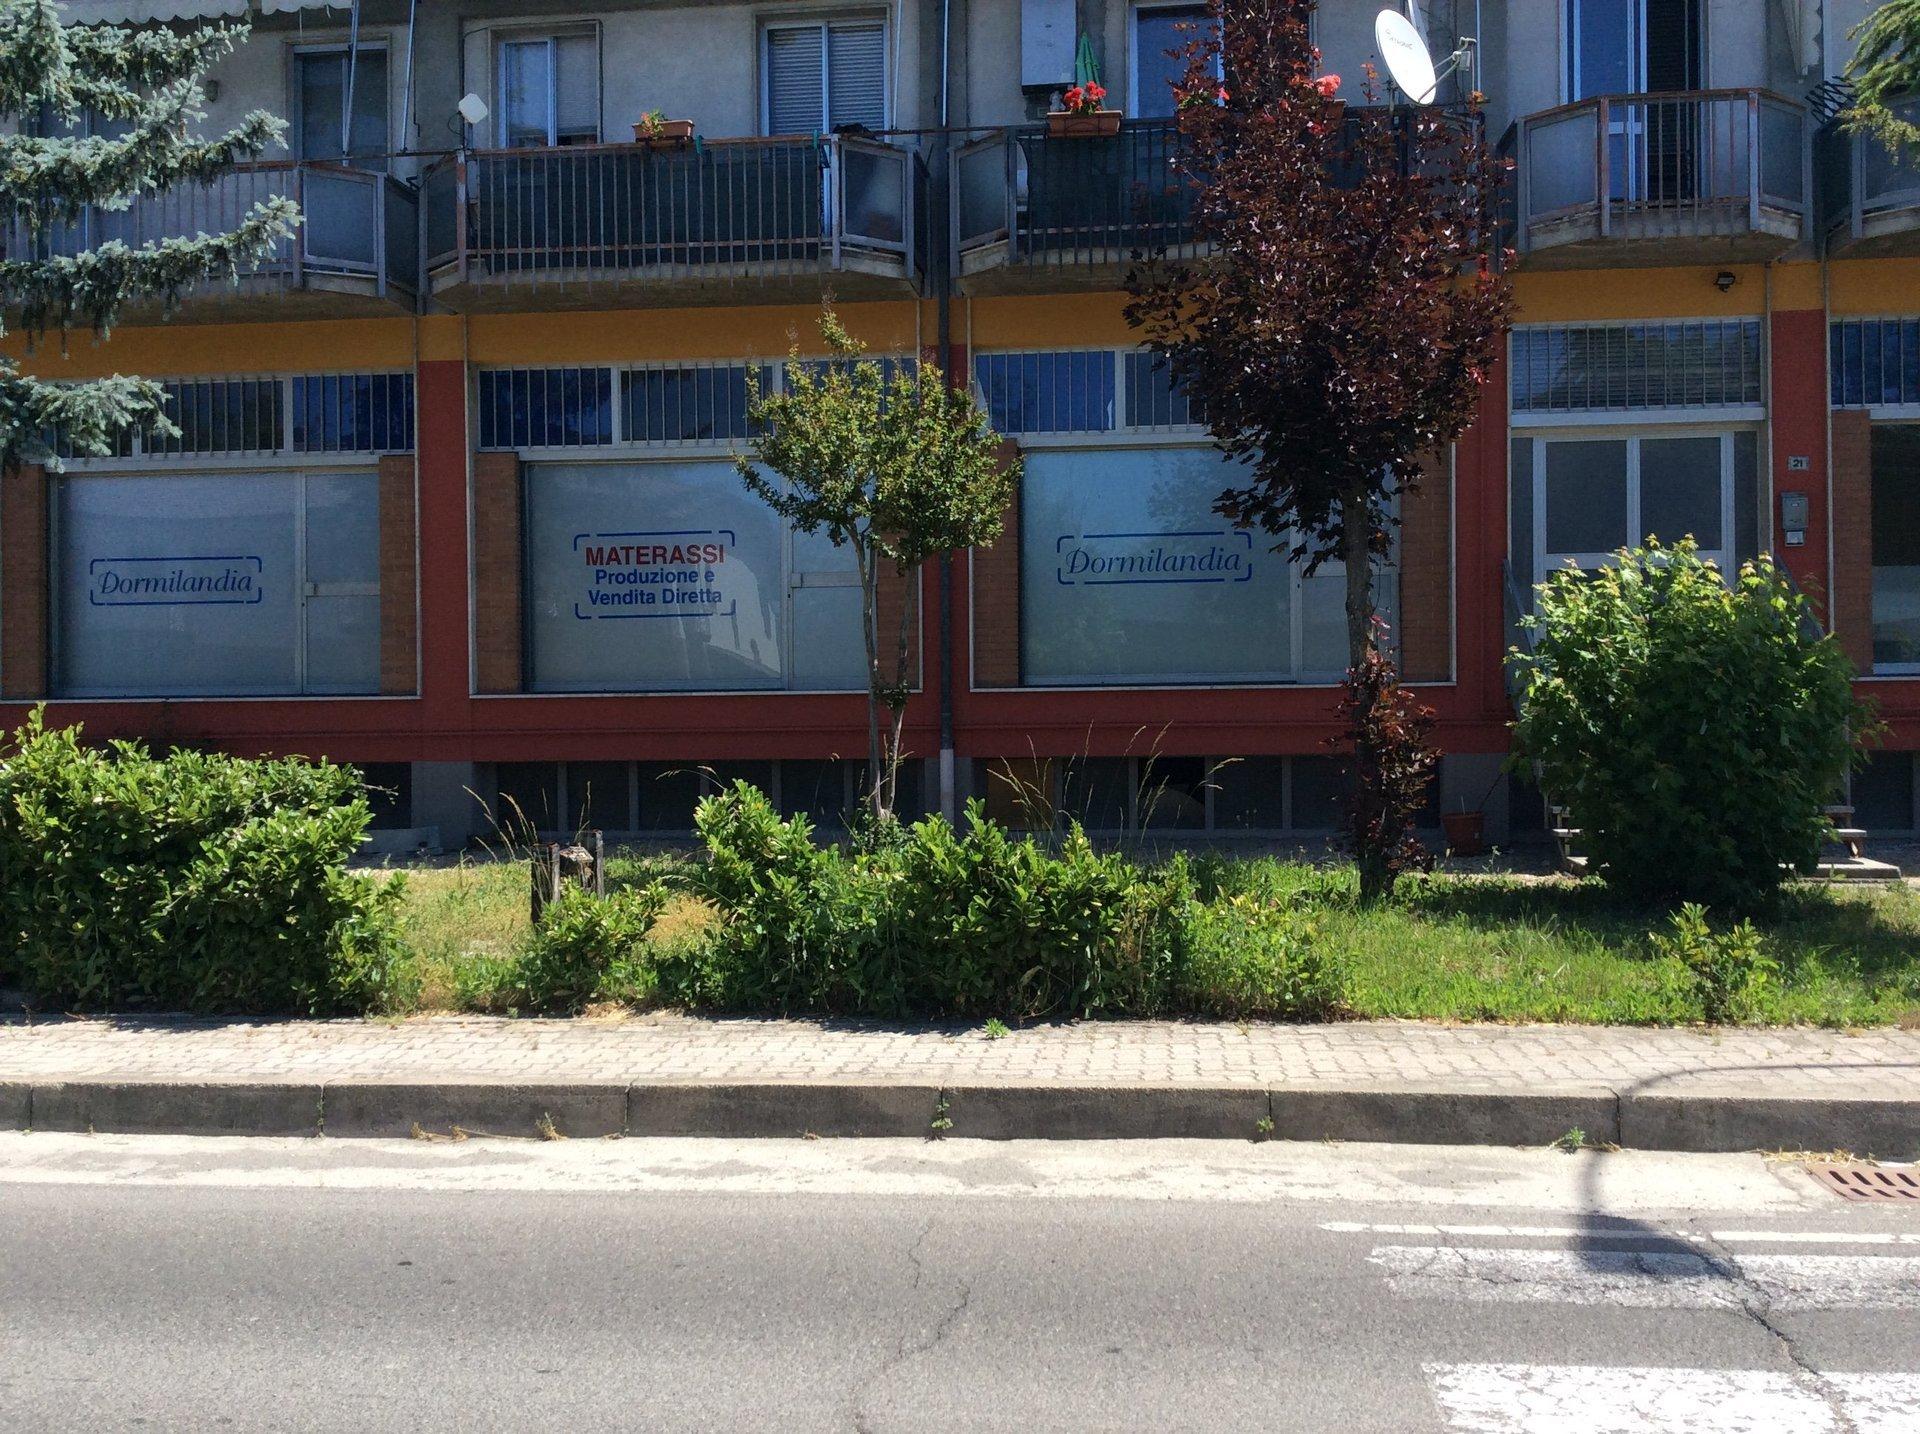 finestre con pubblicità ditta di materassi